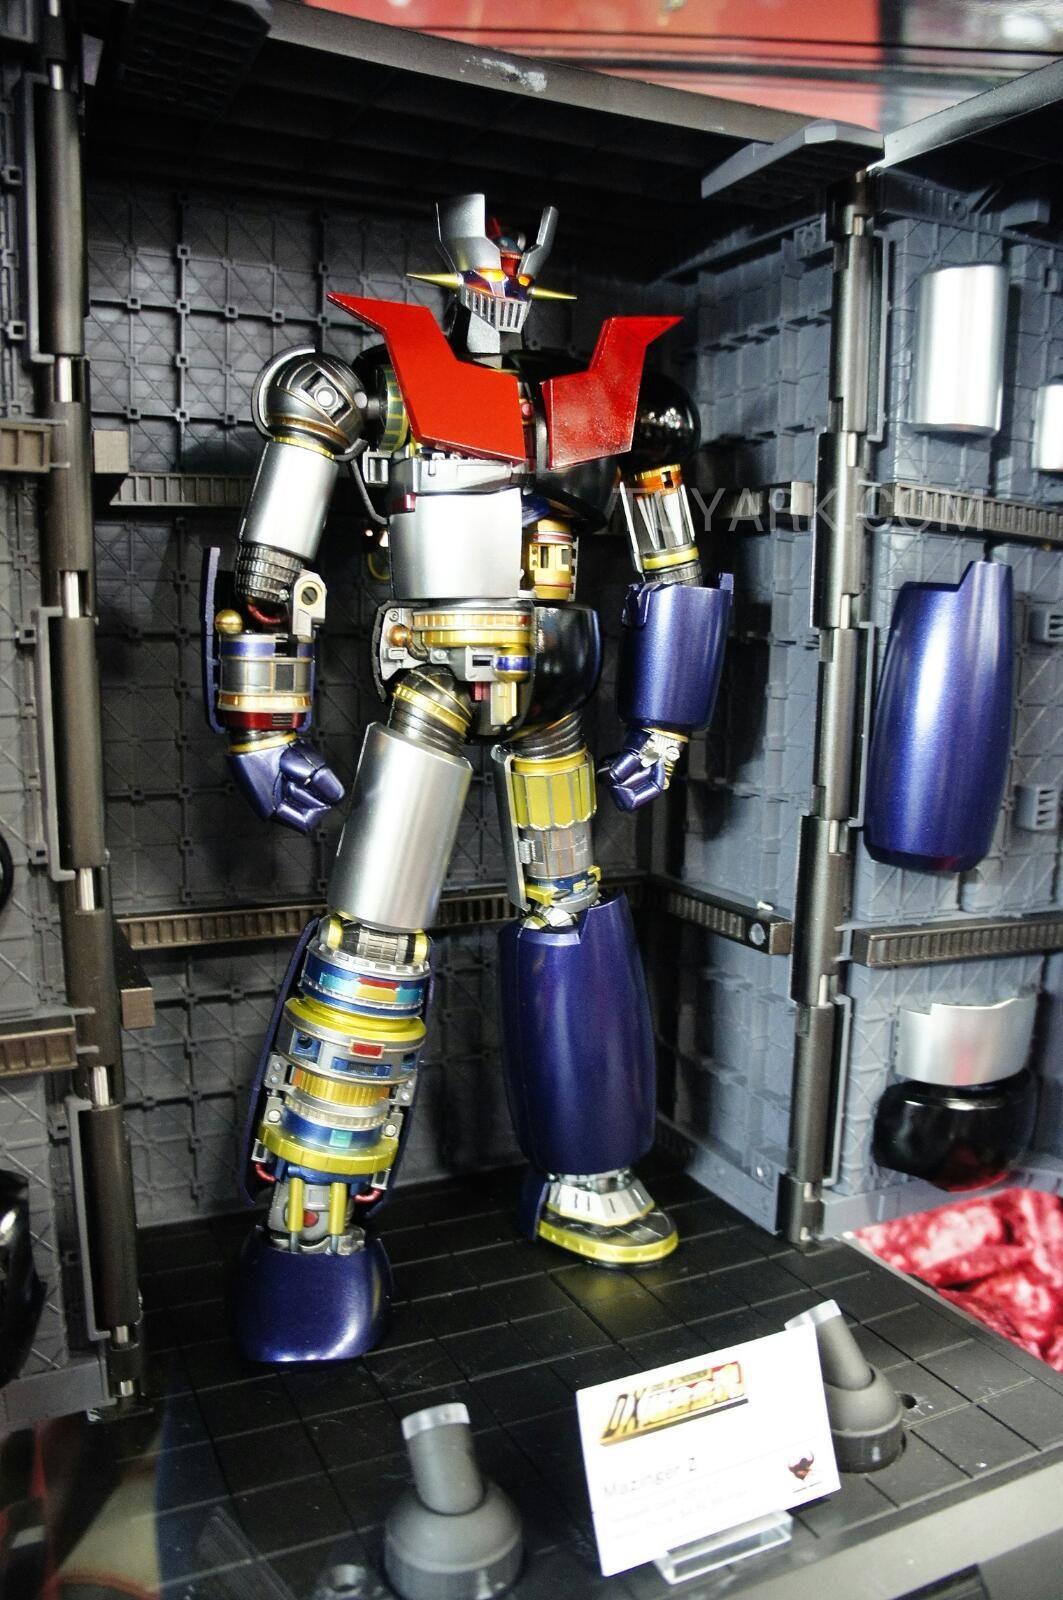 Threezero Super Robot Mazinger Z | Lost In A Supermarket